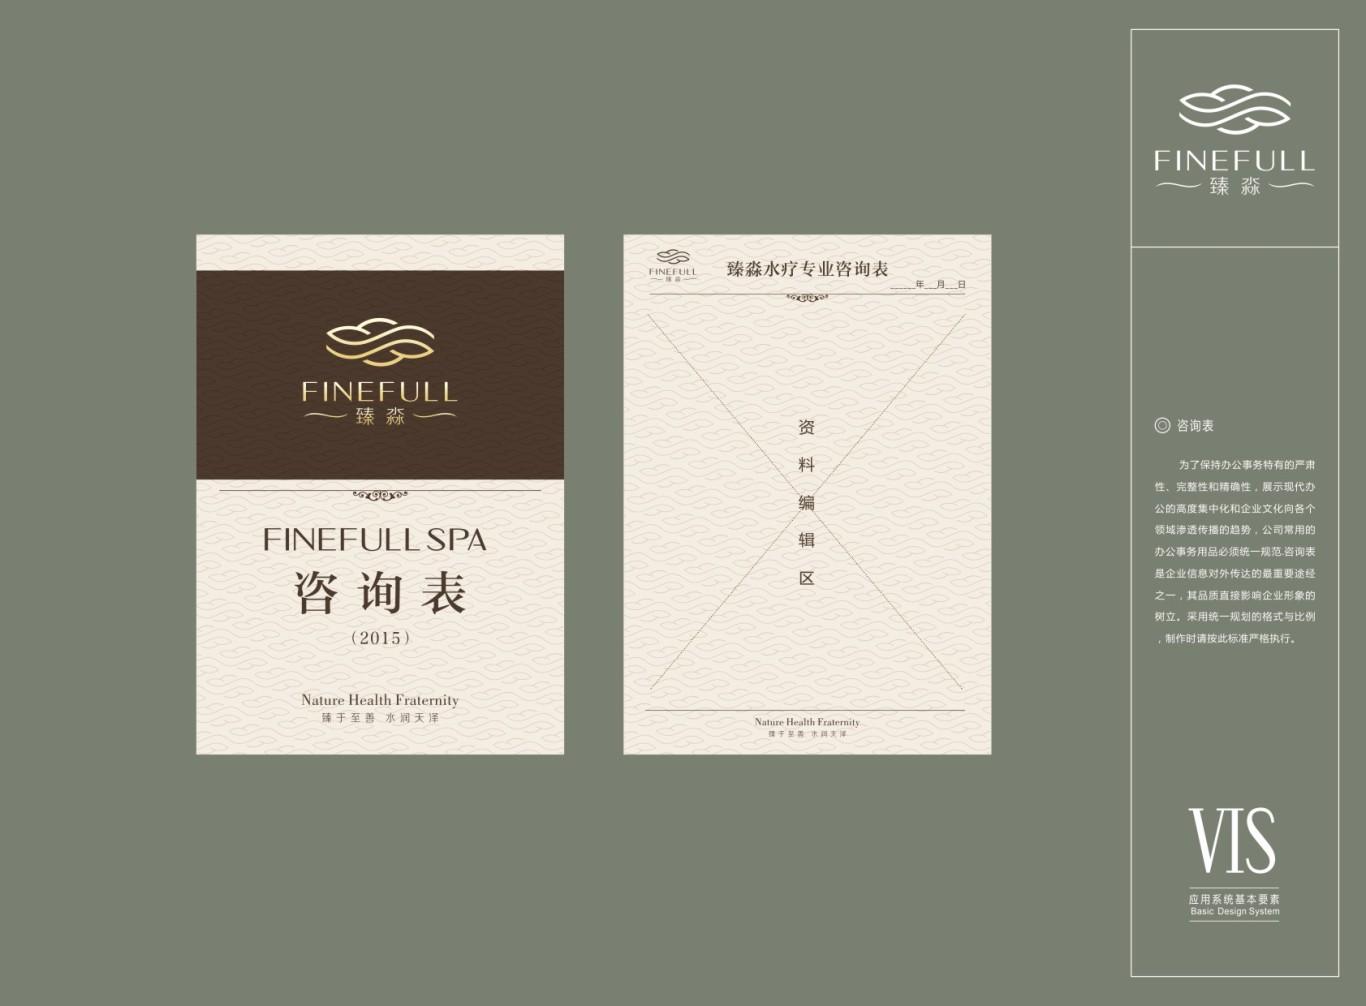 北京五星级FINEFULL-SPA水疗中心标志及VI设计图42